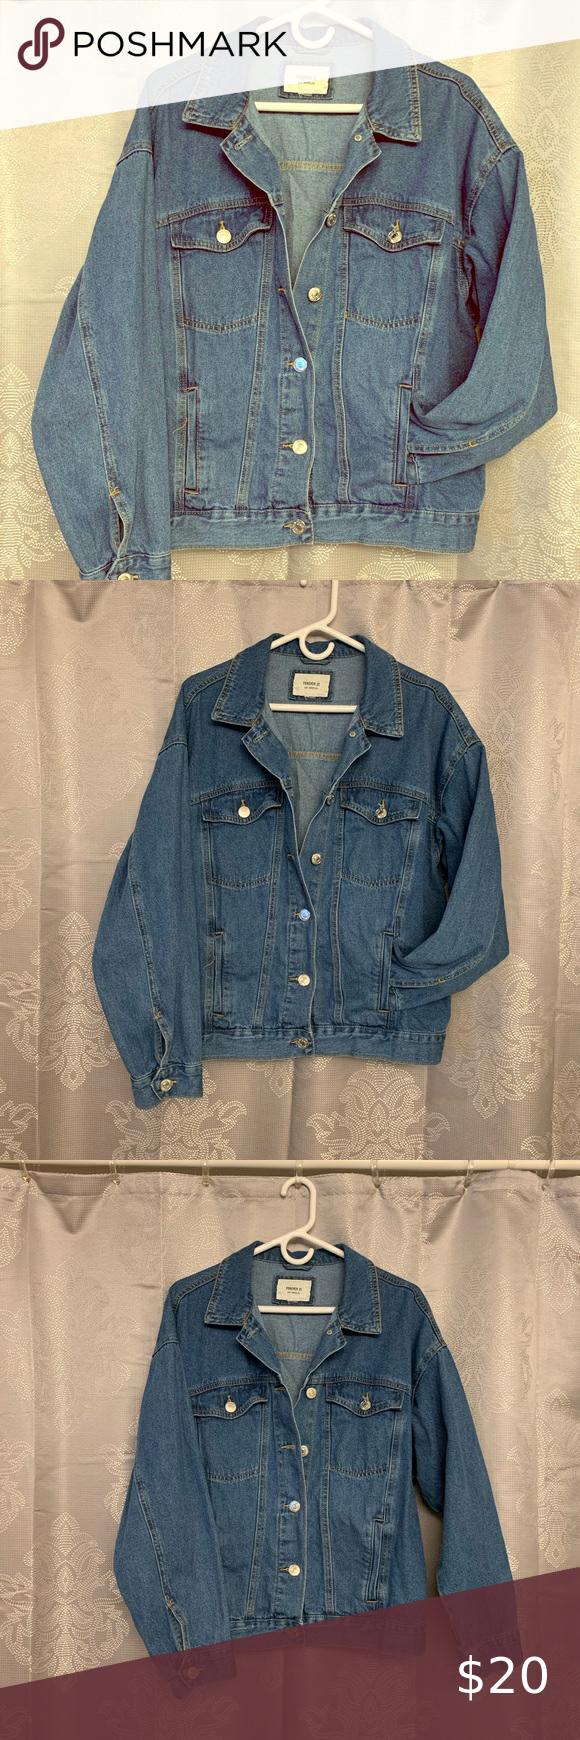 Forever 21 Basic Denim Jacket Denim Jacket Jackets Clothes Design [ 1740 x 580 Pixel ]